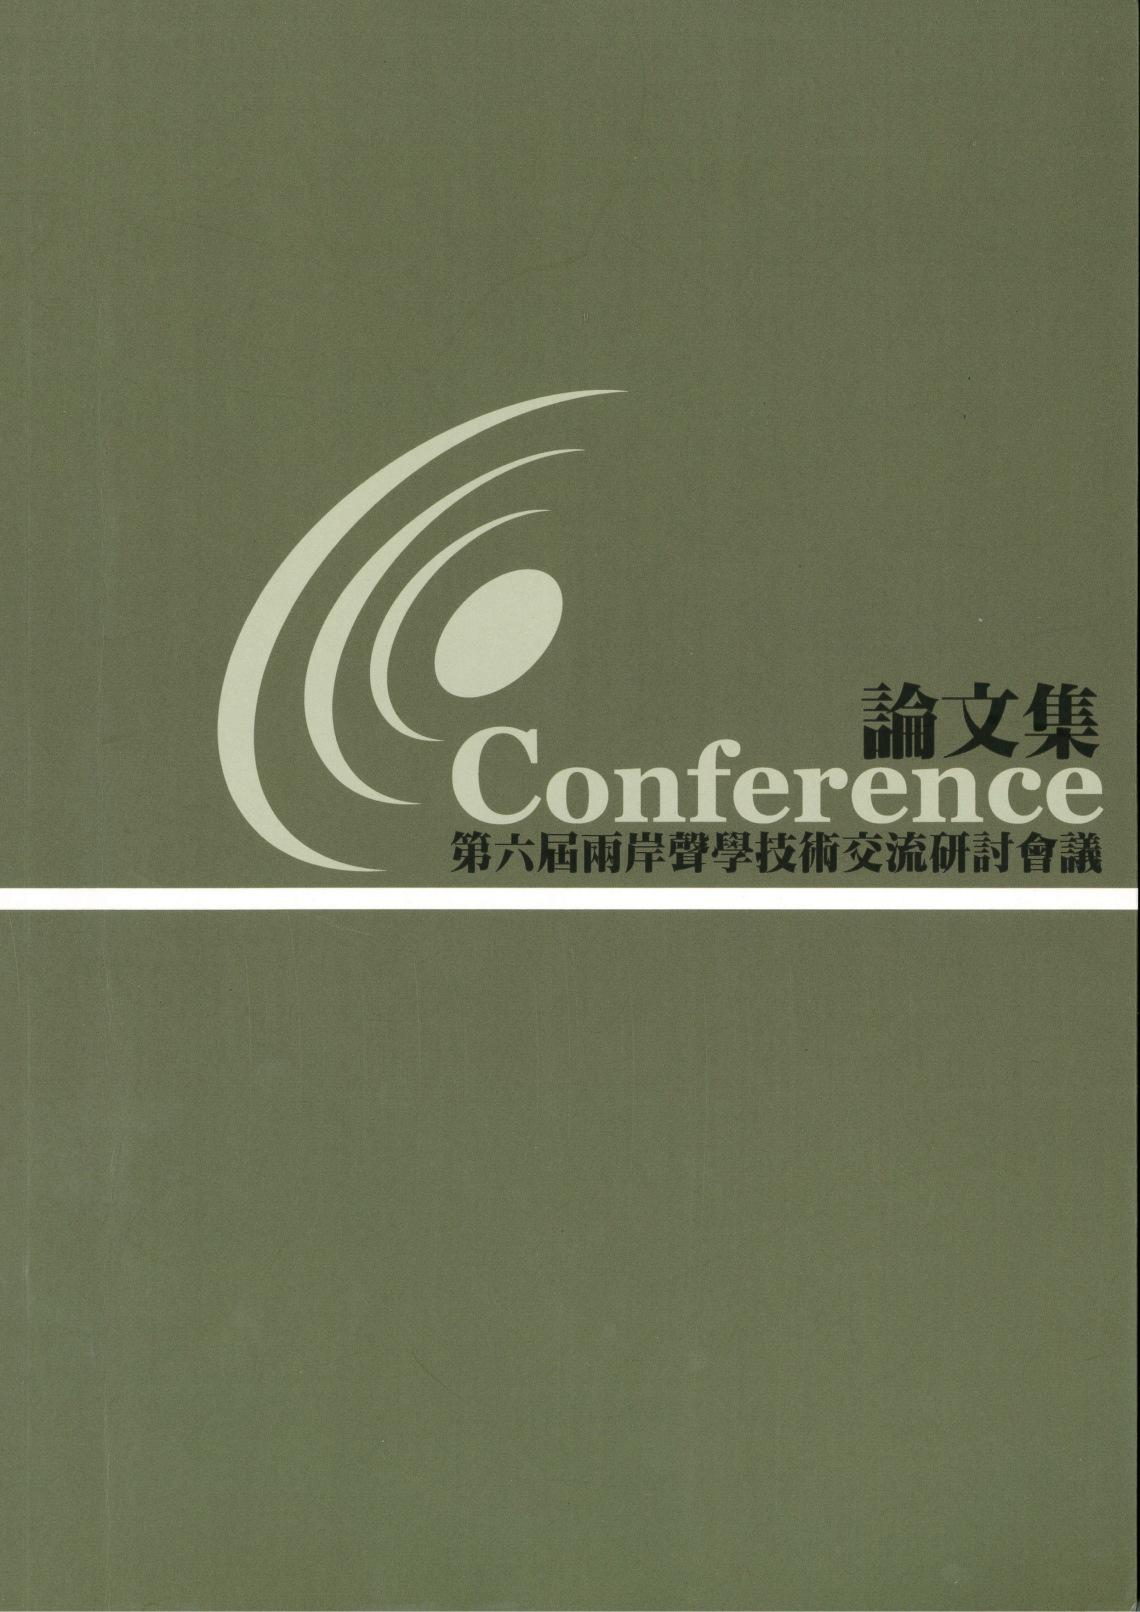 2013-1.jpg